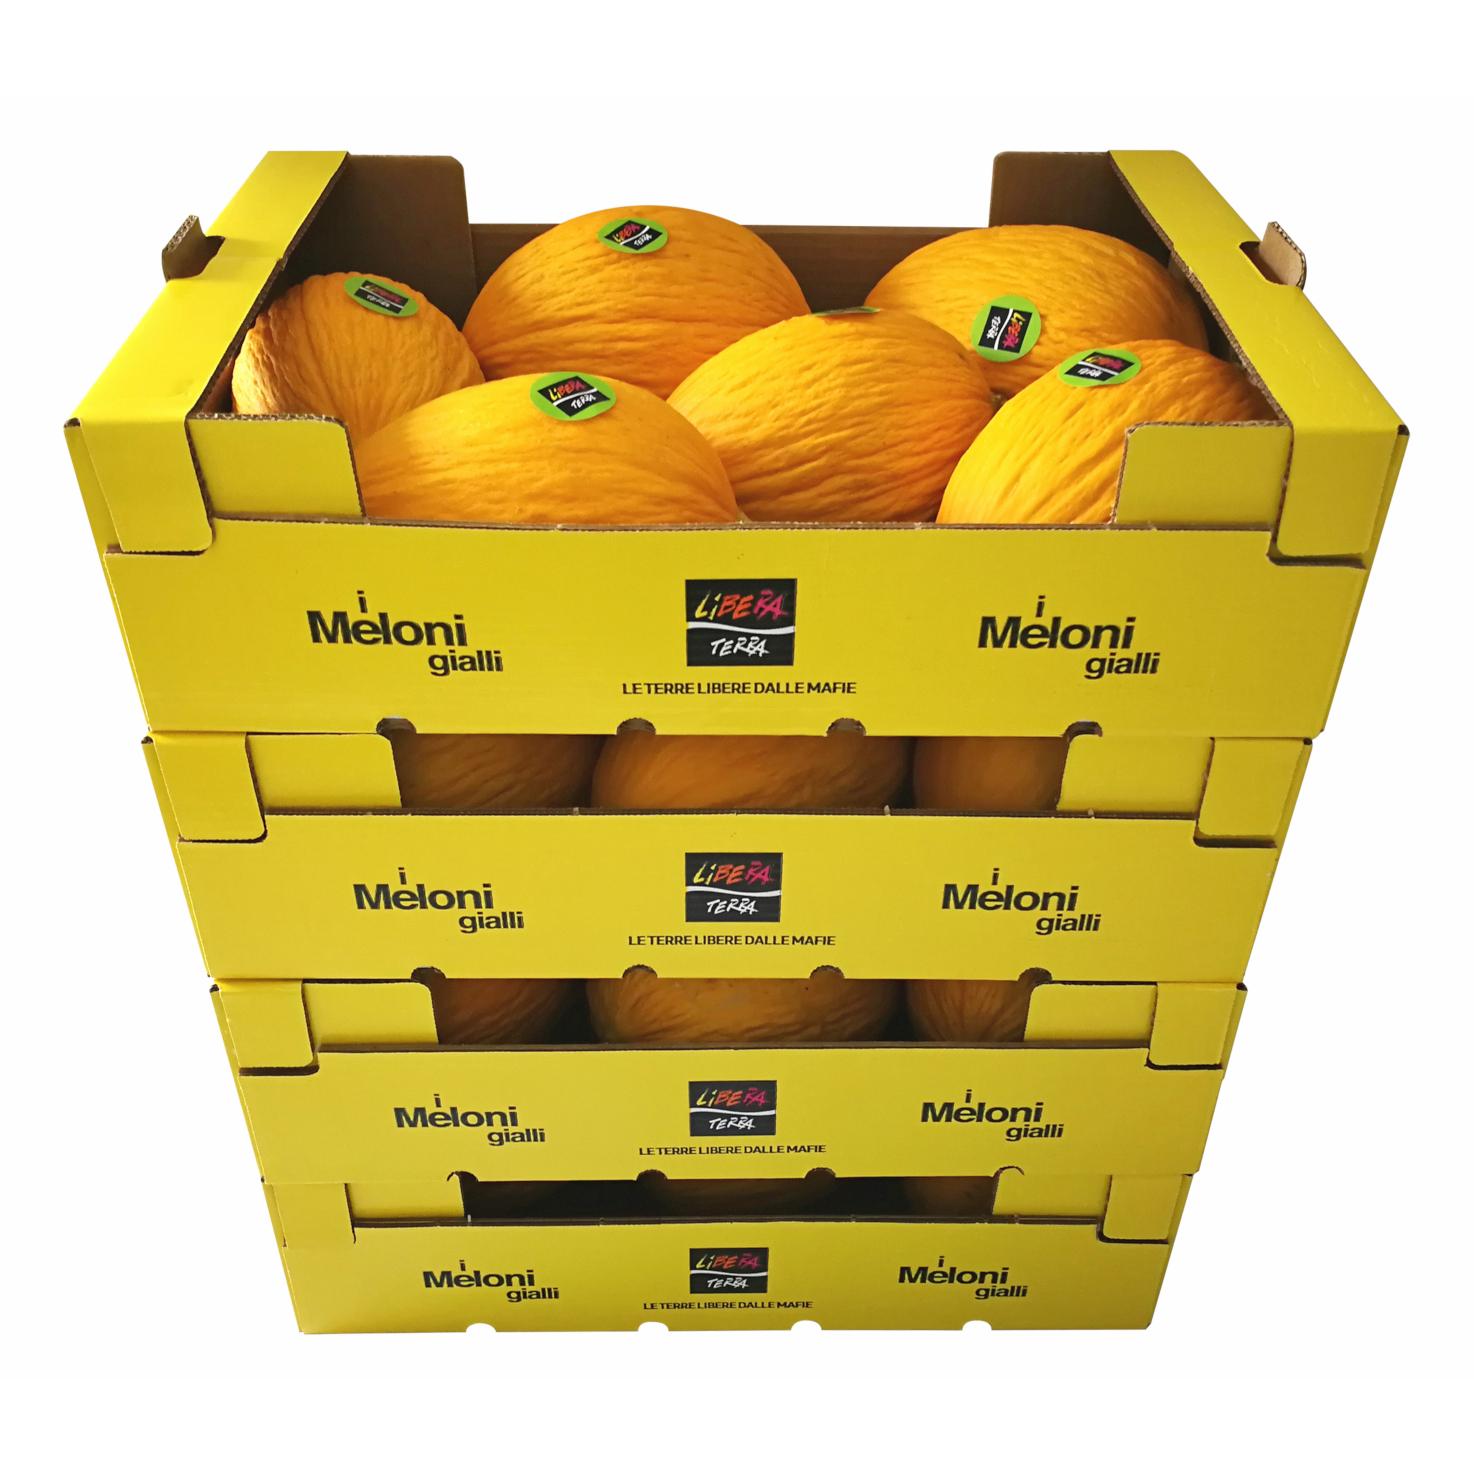 Meloni Gialli Biologici – Grandi Quantità (≥ 360 Kg)